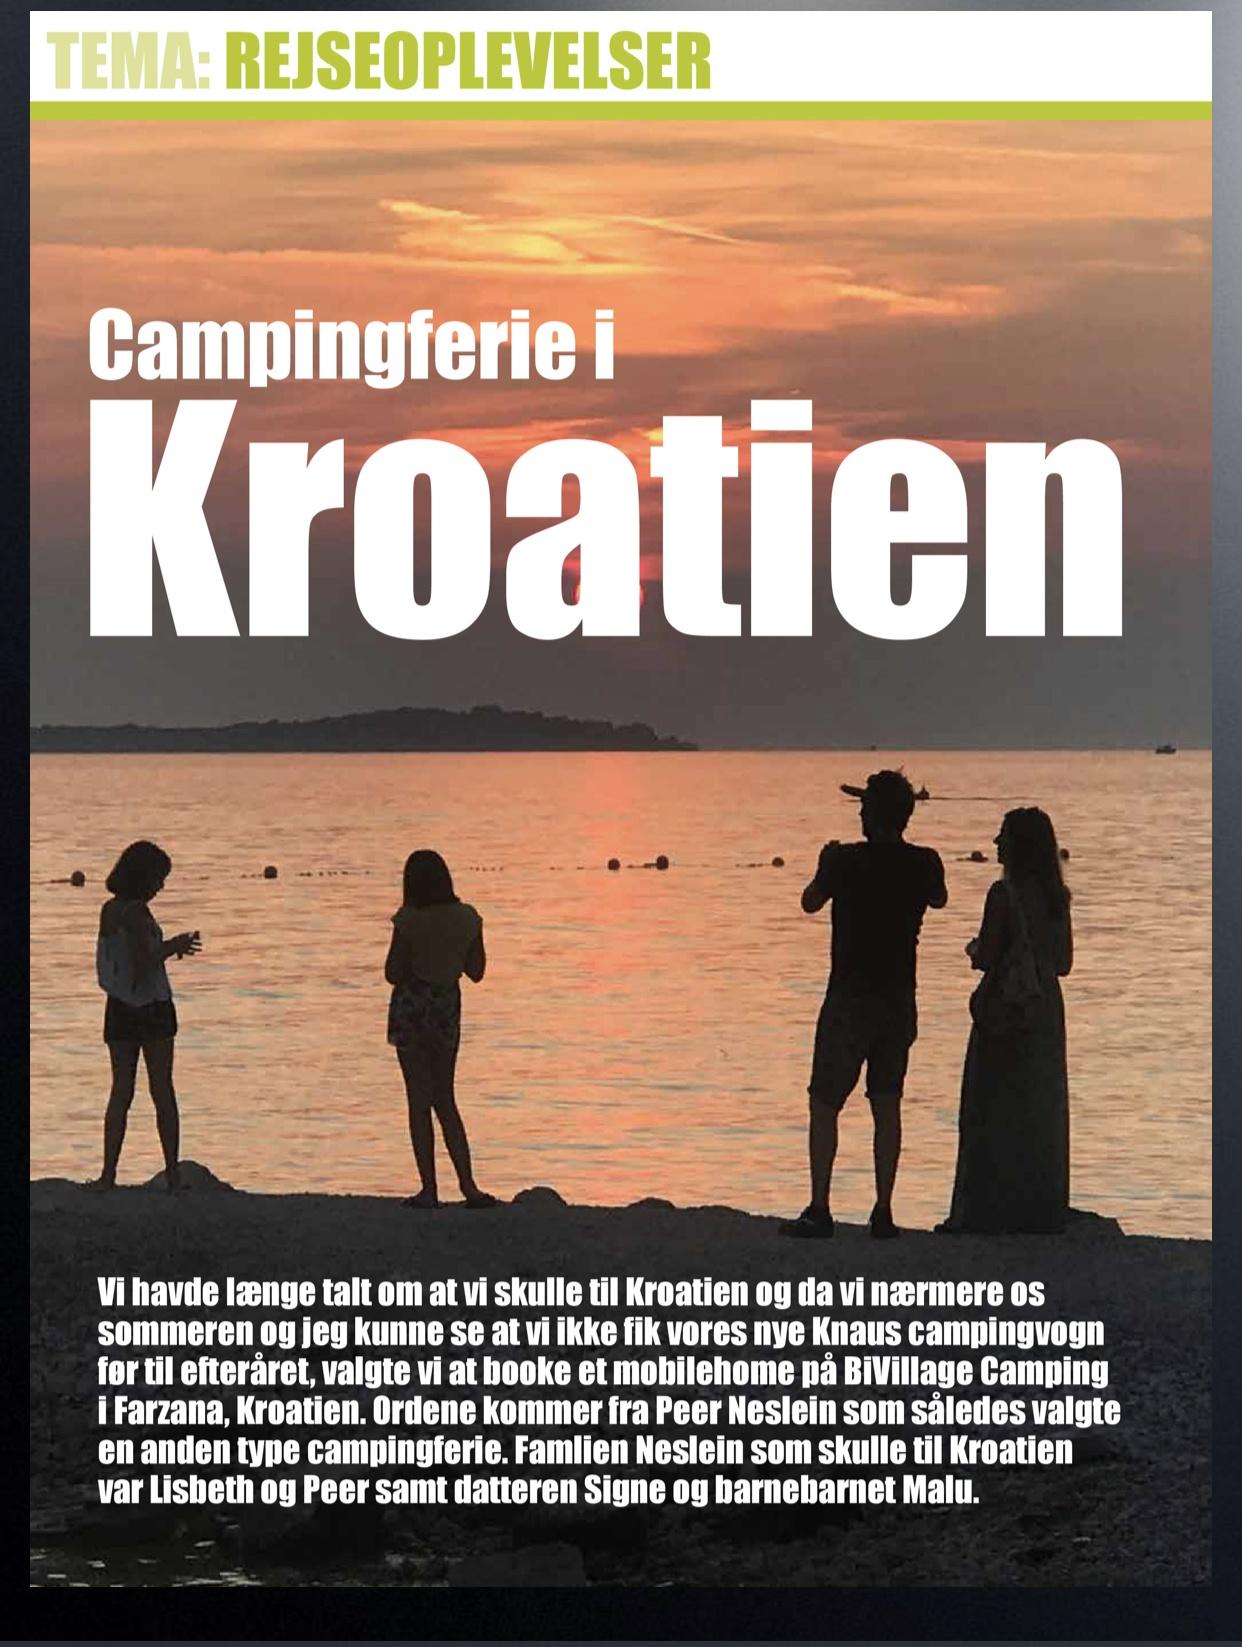 Campingferie i Kroatien (Reklame)